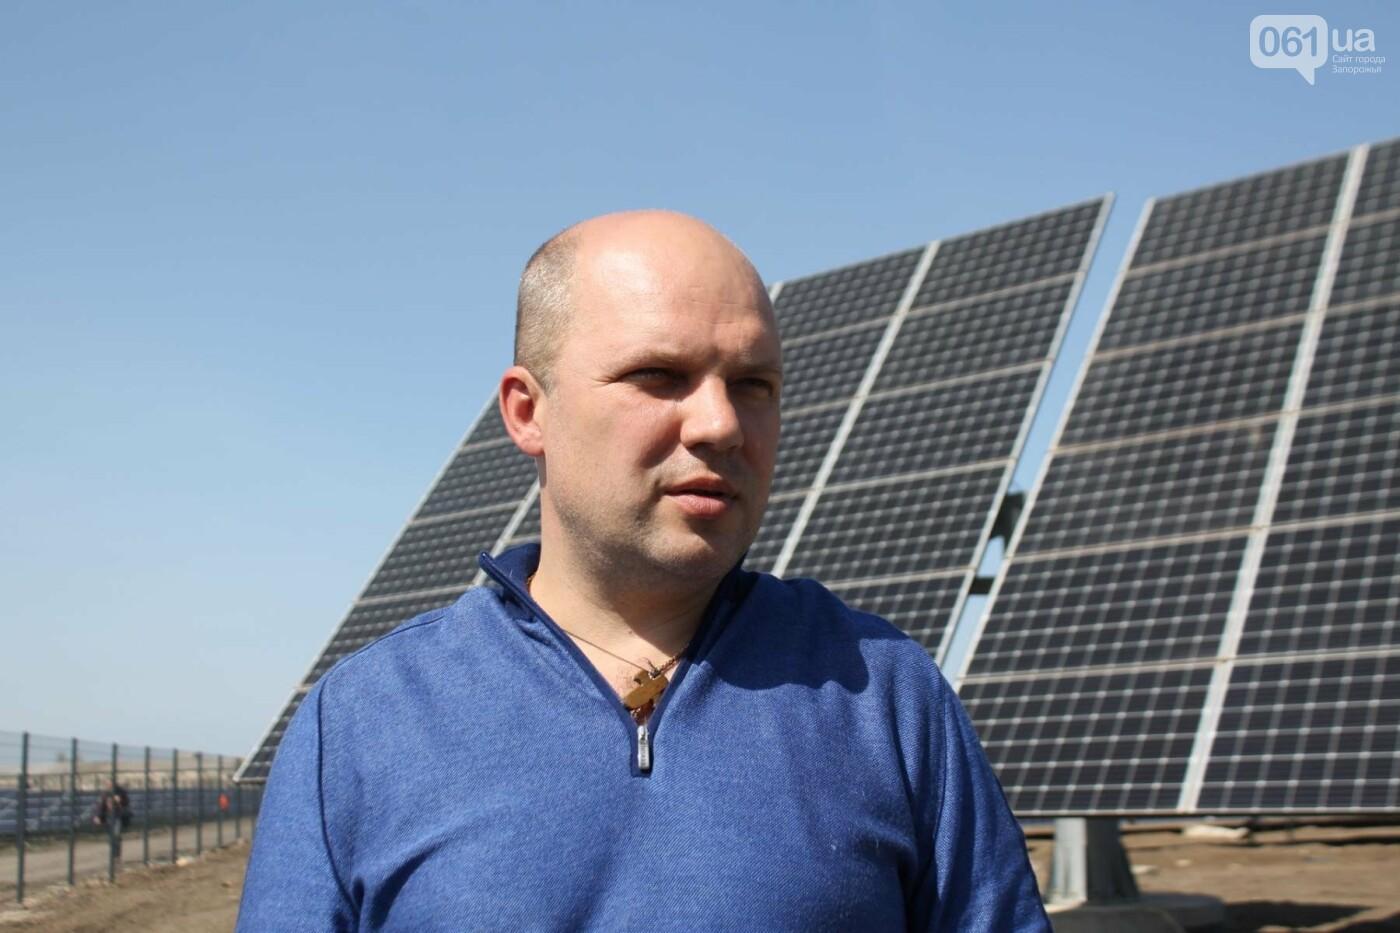 В запорожской громаде на месте свалки построили солнечную электростанцию: как она выглядит, – ФОТОРЕПОРТАЖ, фото-6